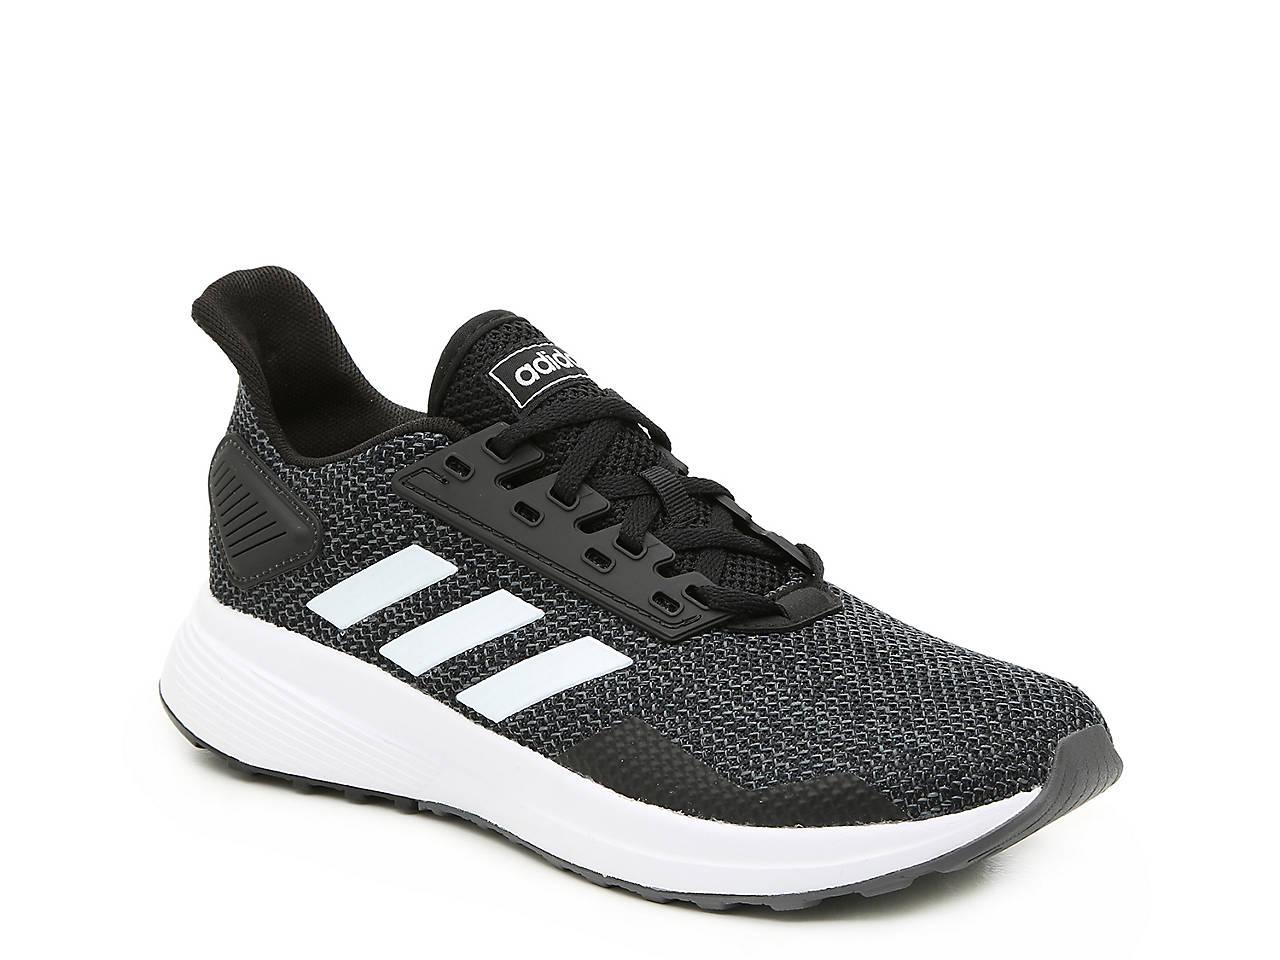 half off 7a048 585ee Duramo Running Shoe - Women's